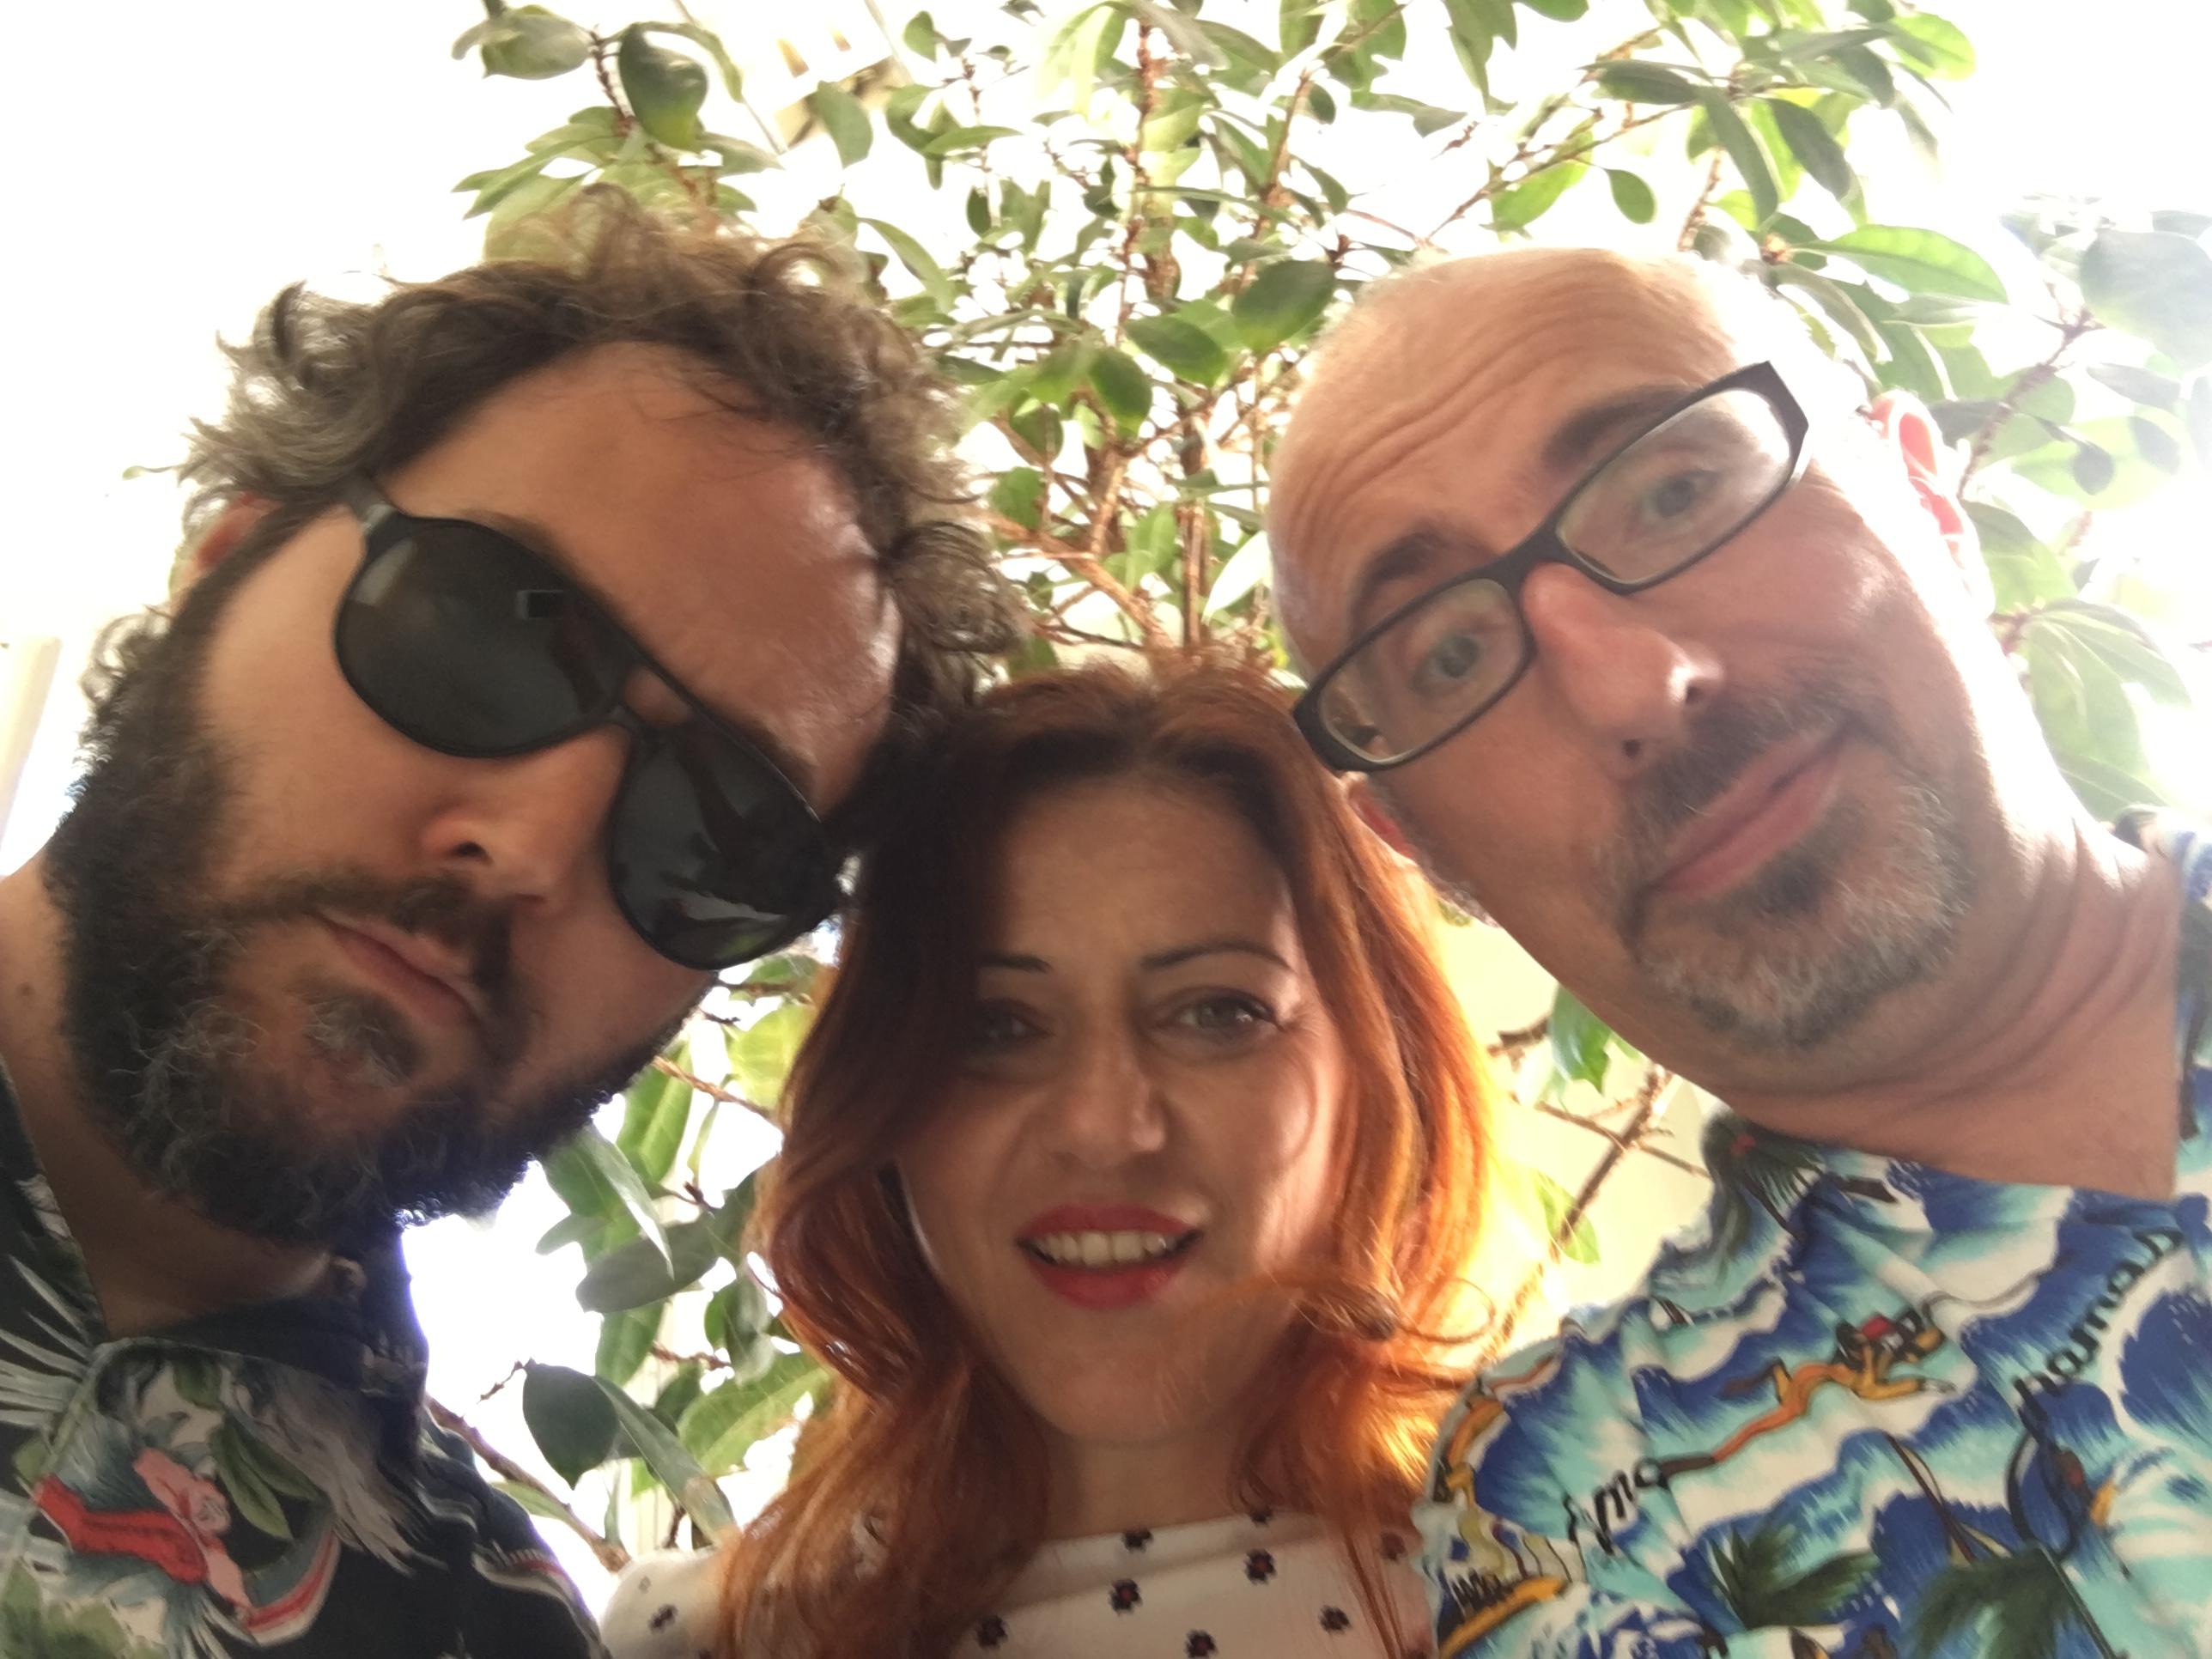 Dal 1 agosto su RADIO2 conduco COLPO DI SOLE con Ardemagni e Mannucci saremo in onda tutti i giorni!